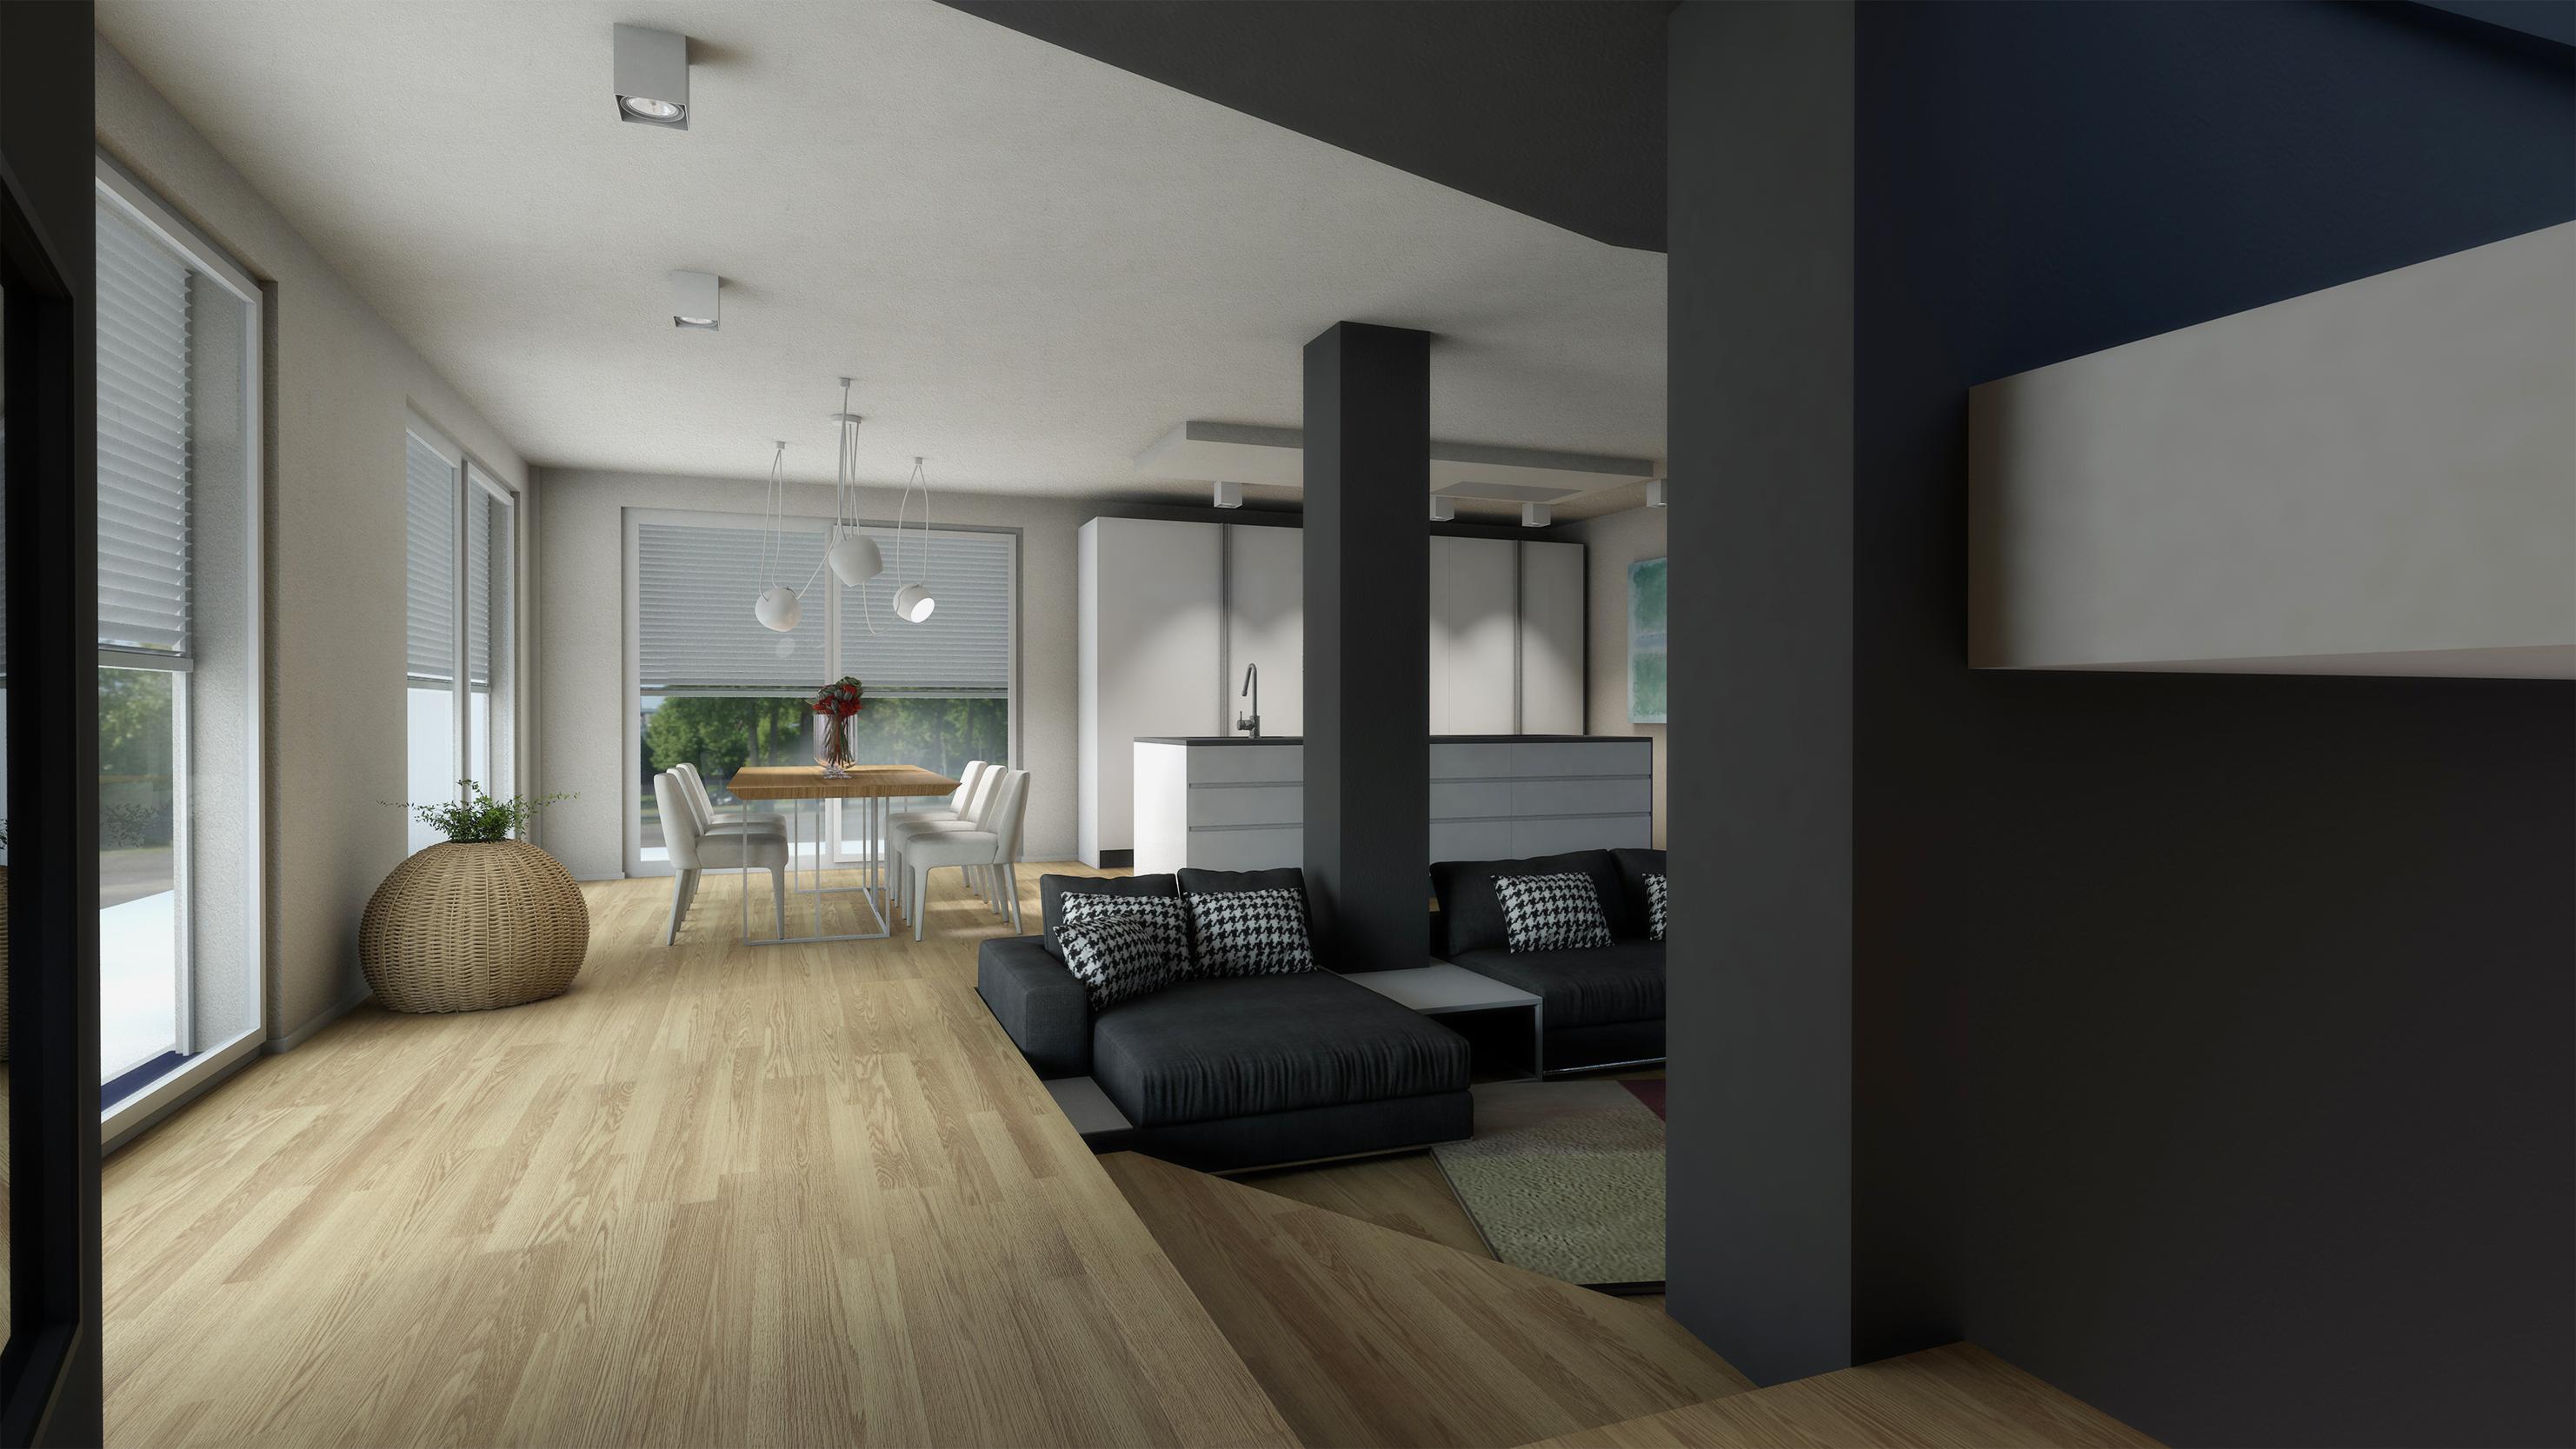 Interni villa duplex bc progettazione integrata di for Progetti architettura interni